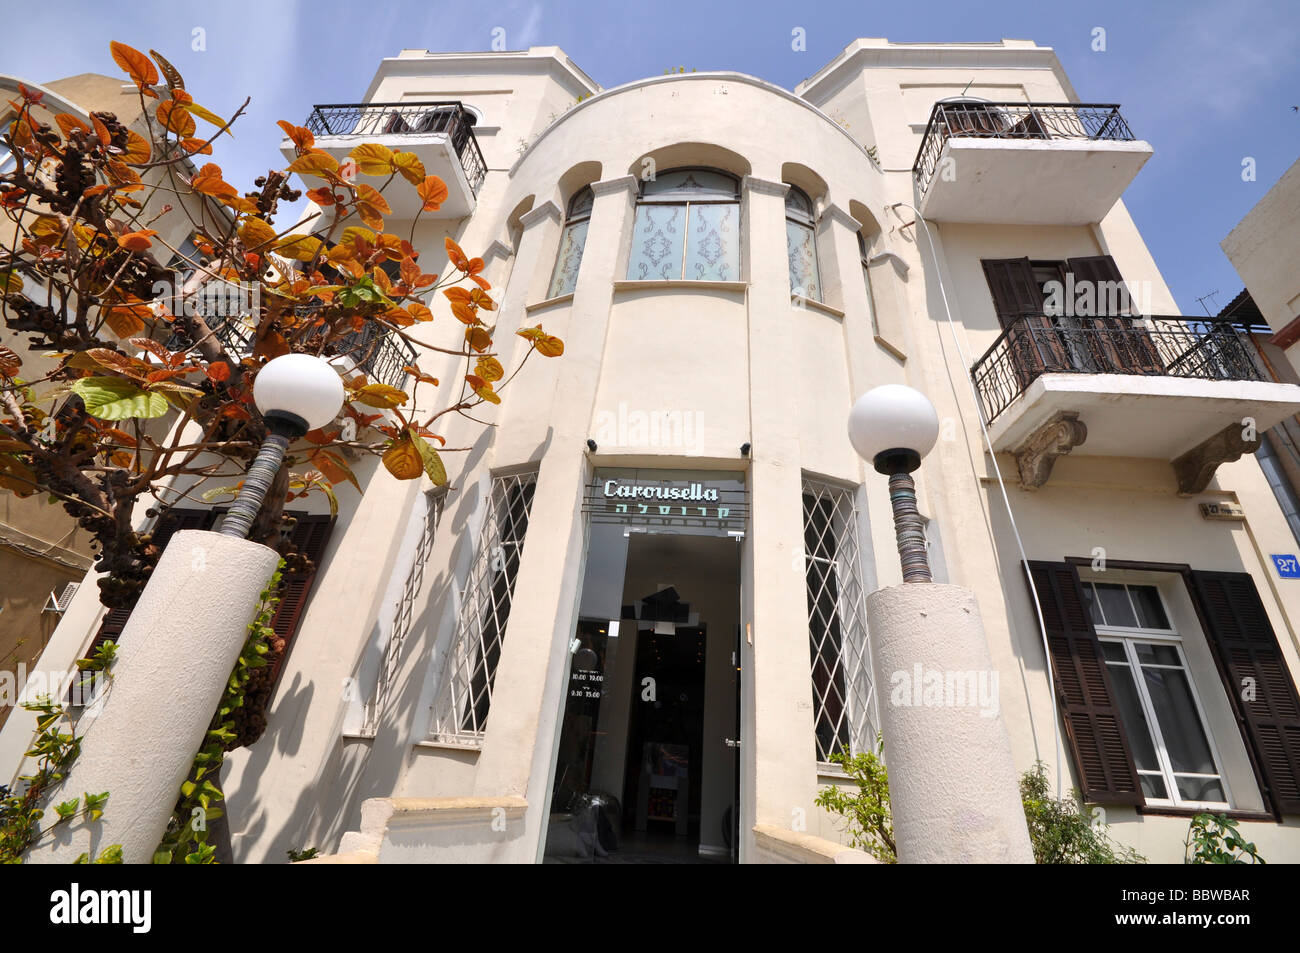 Israel Tel Aviv Rothschild boulevard number 27 - Stock Image